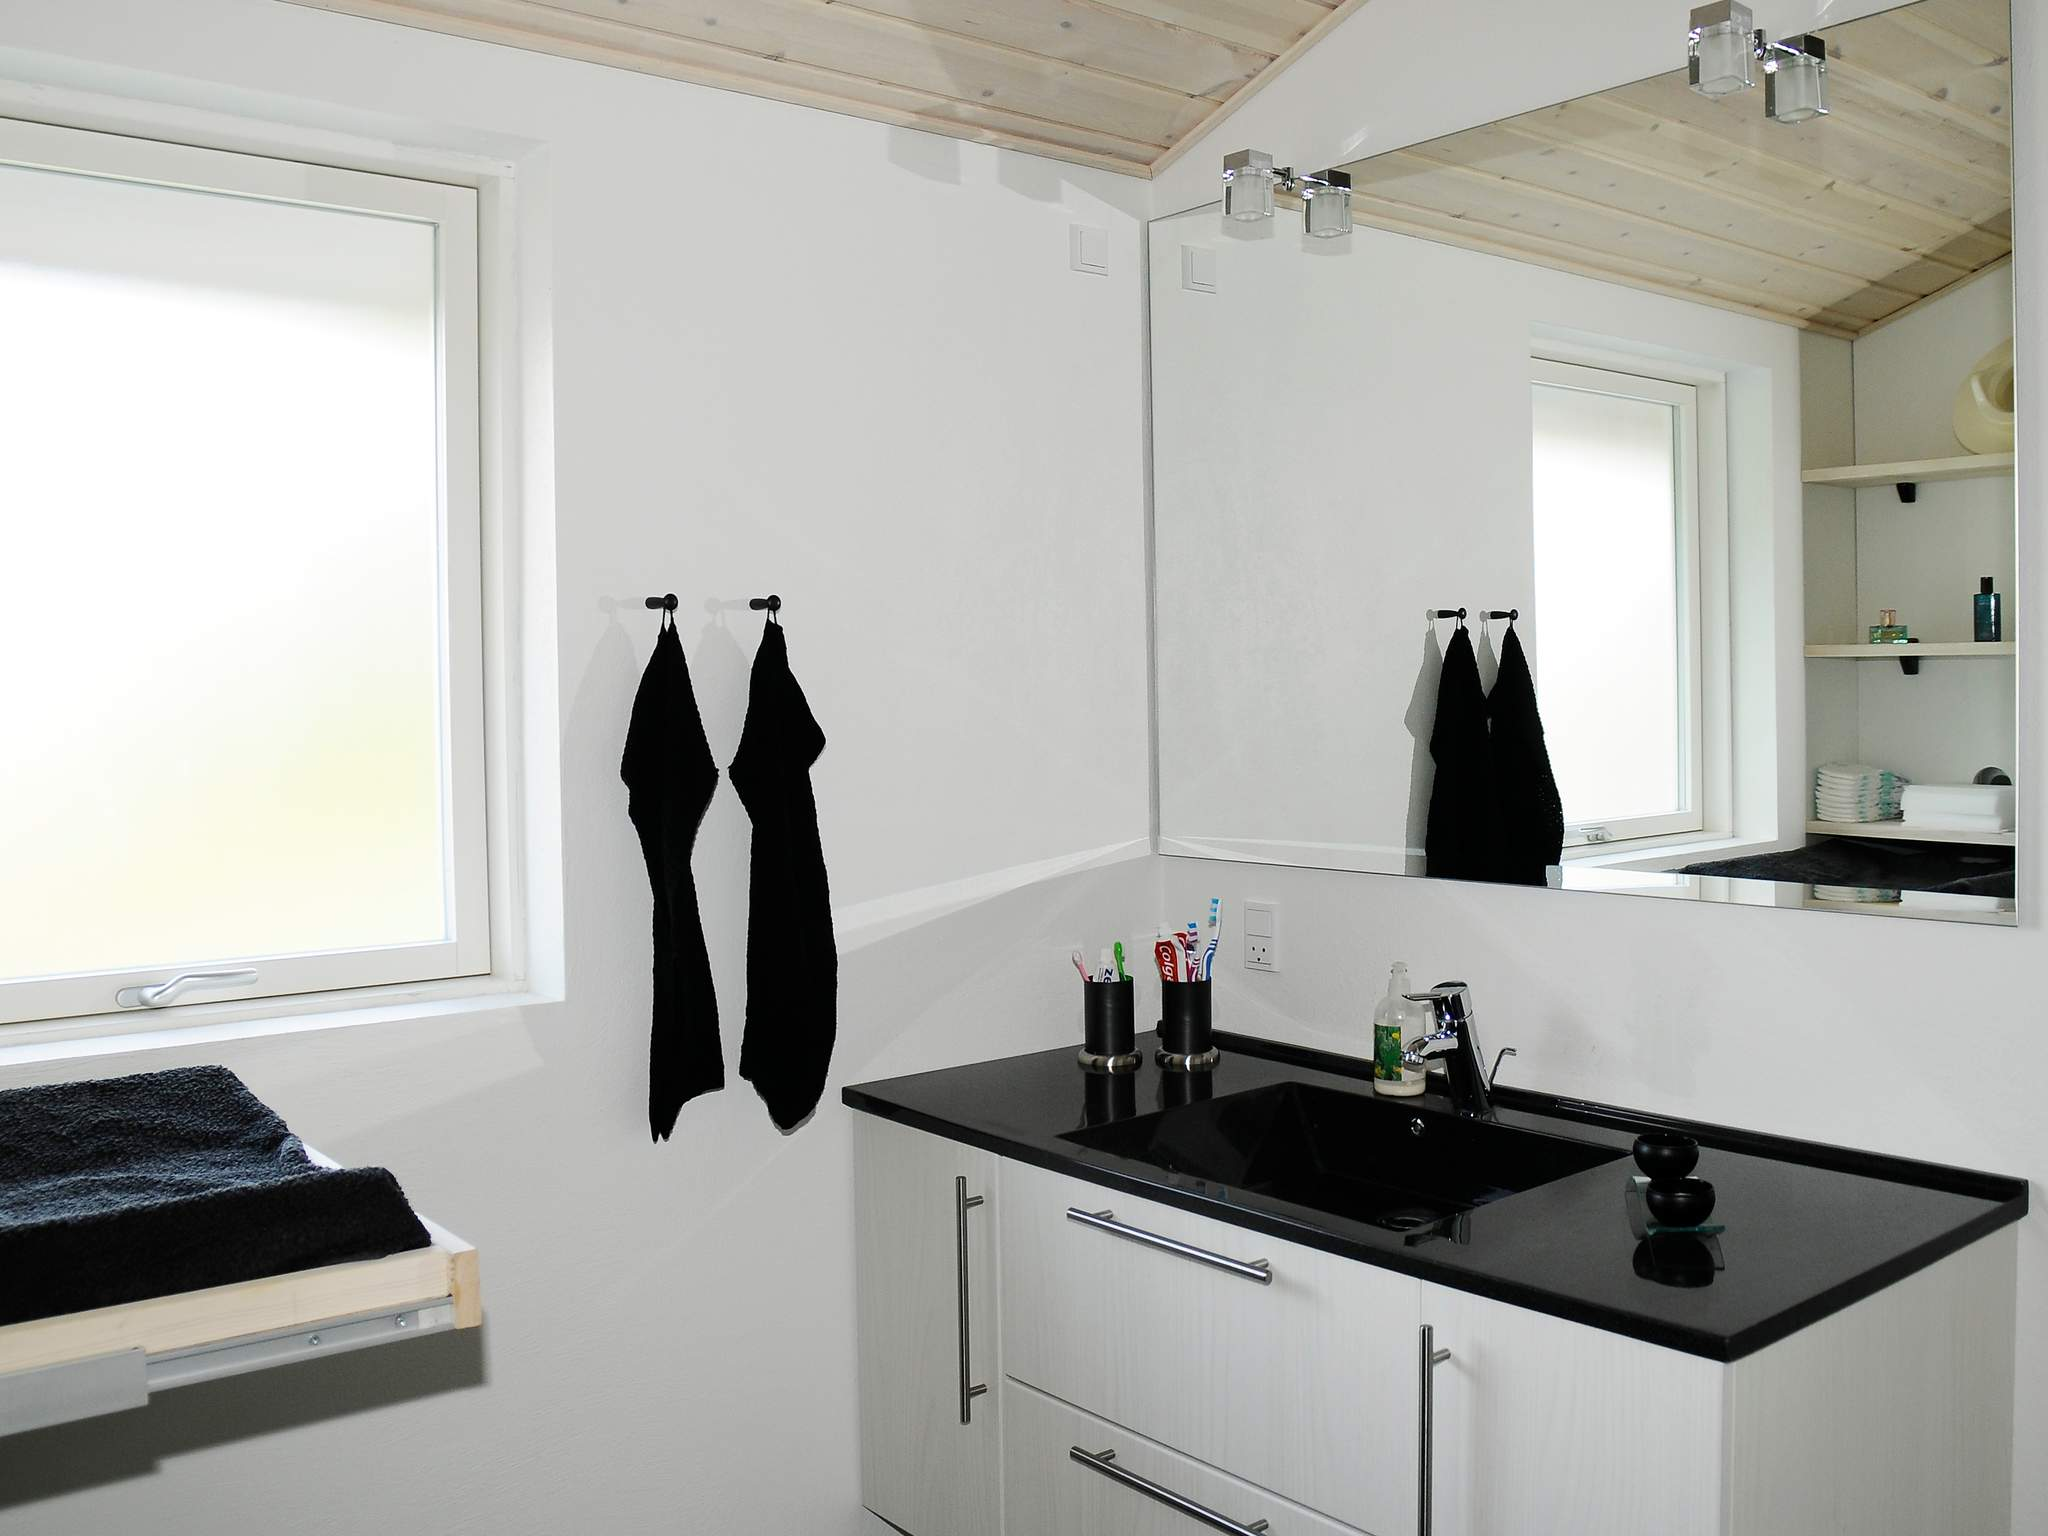 Ferienhaus Hovborg (344962), Hovborg, , Südjütland, Dänemark, Bild 7